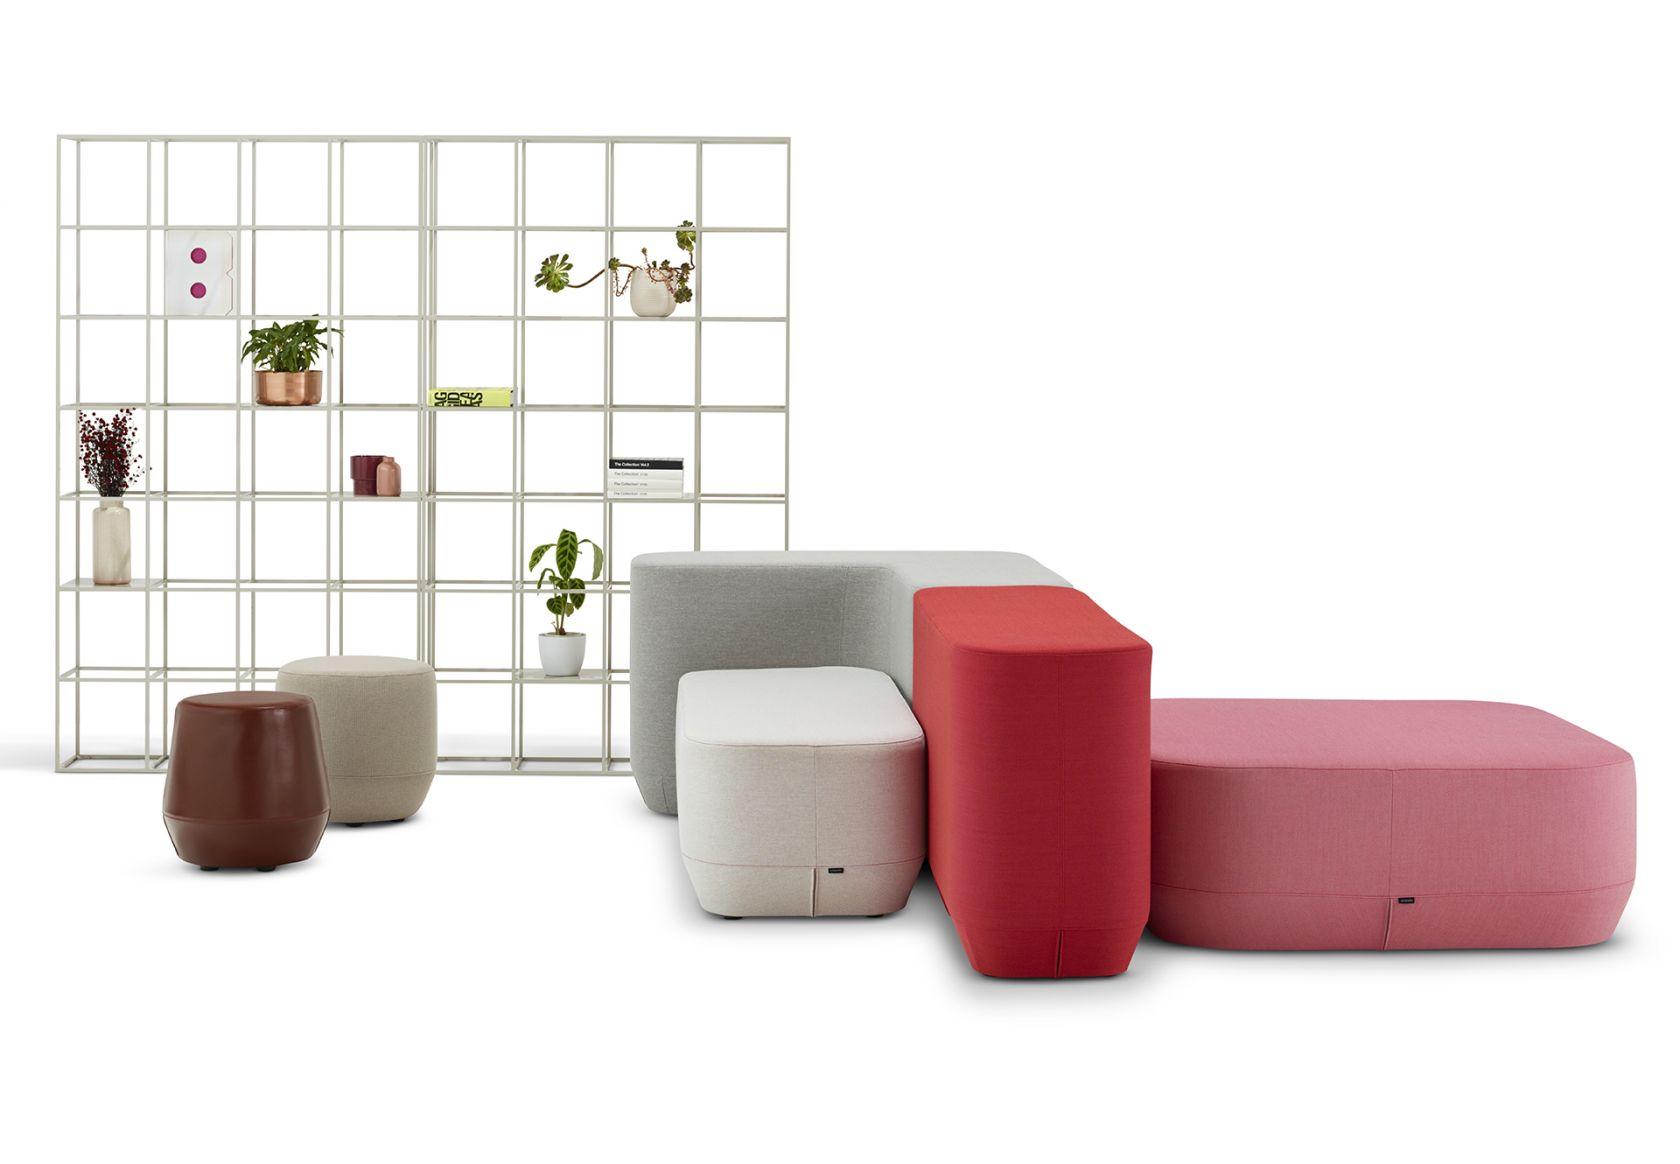 Karo Collection and Vertical Garden